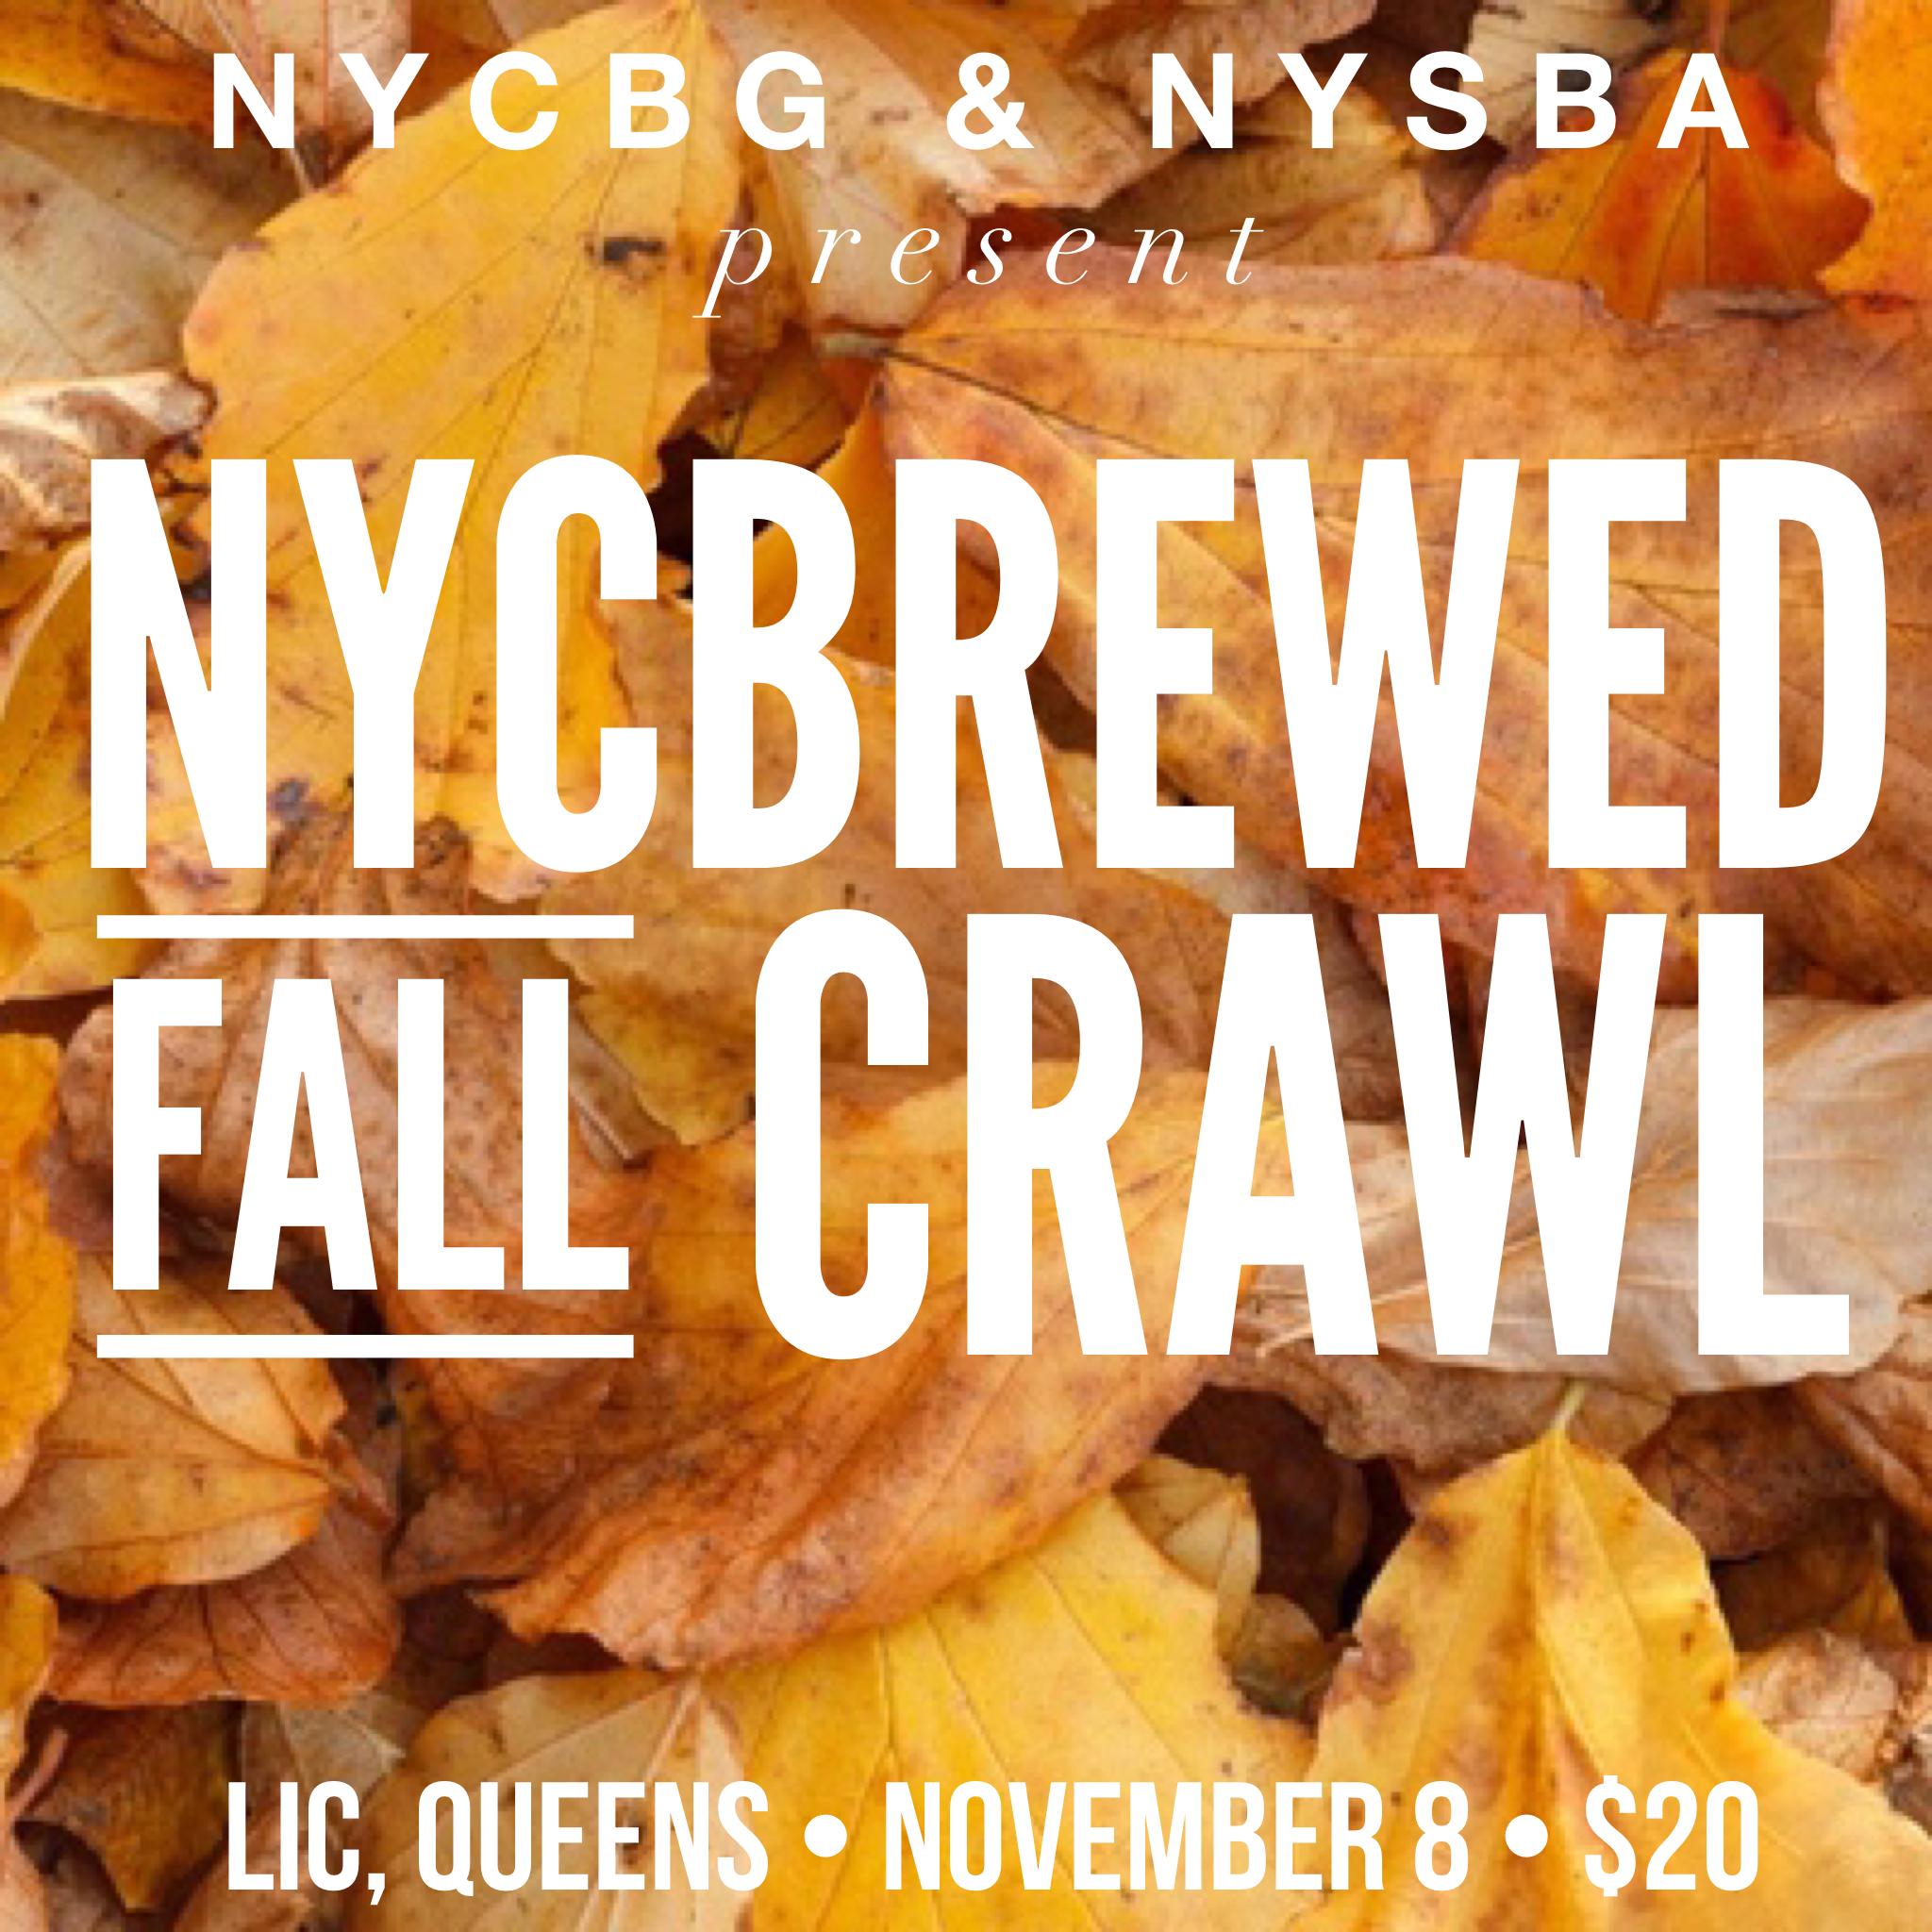 NYCBrewedFallCrawl.PNG